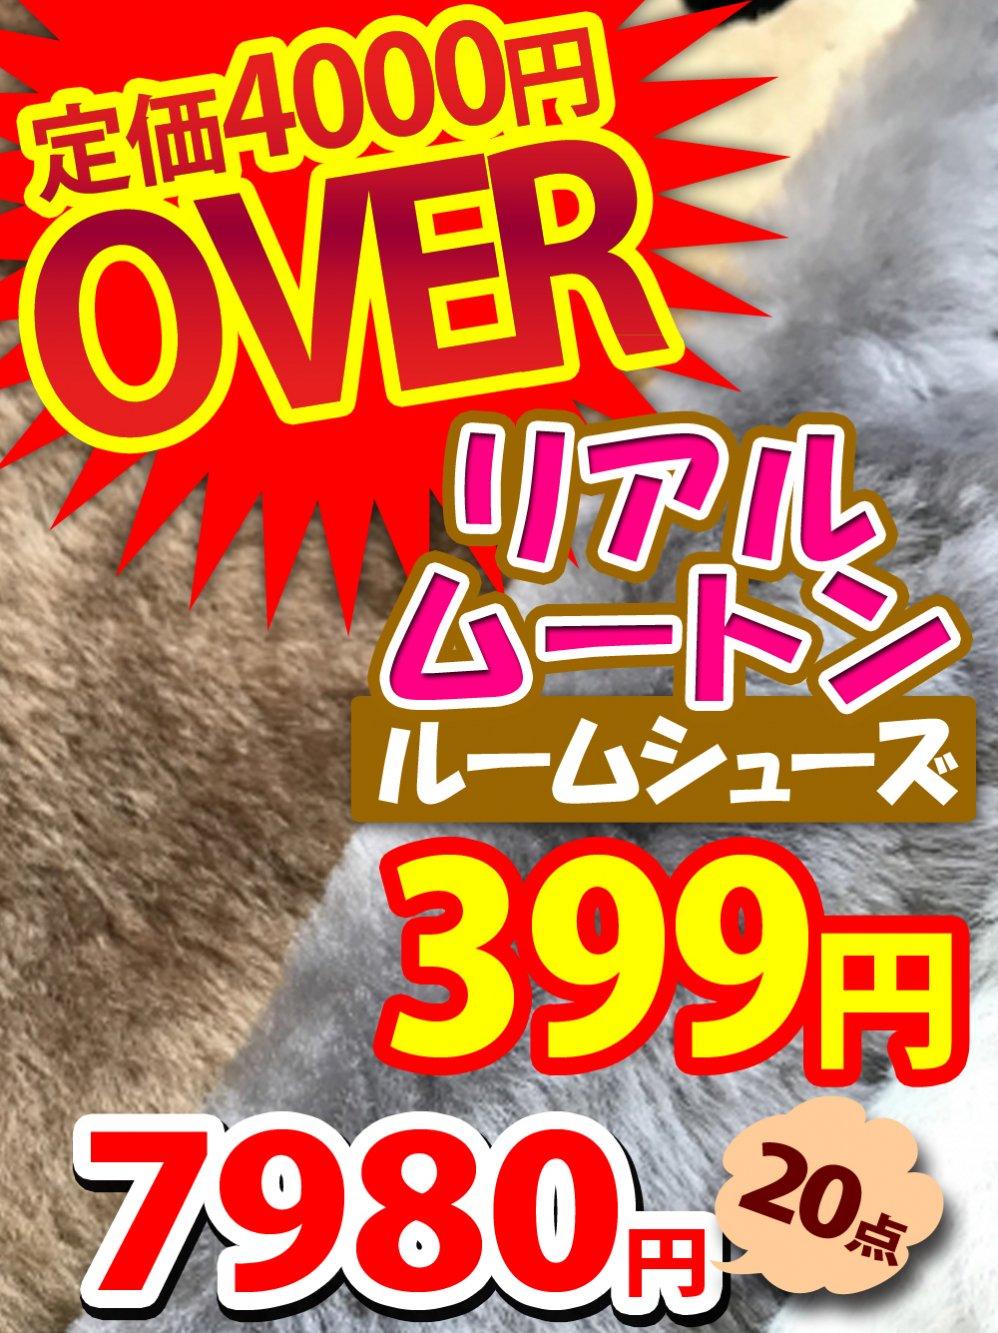 【定価4000円オーバー】リアルムートン★ルームシューズ【20点】@399